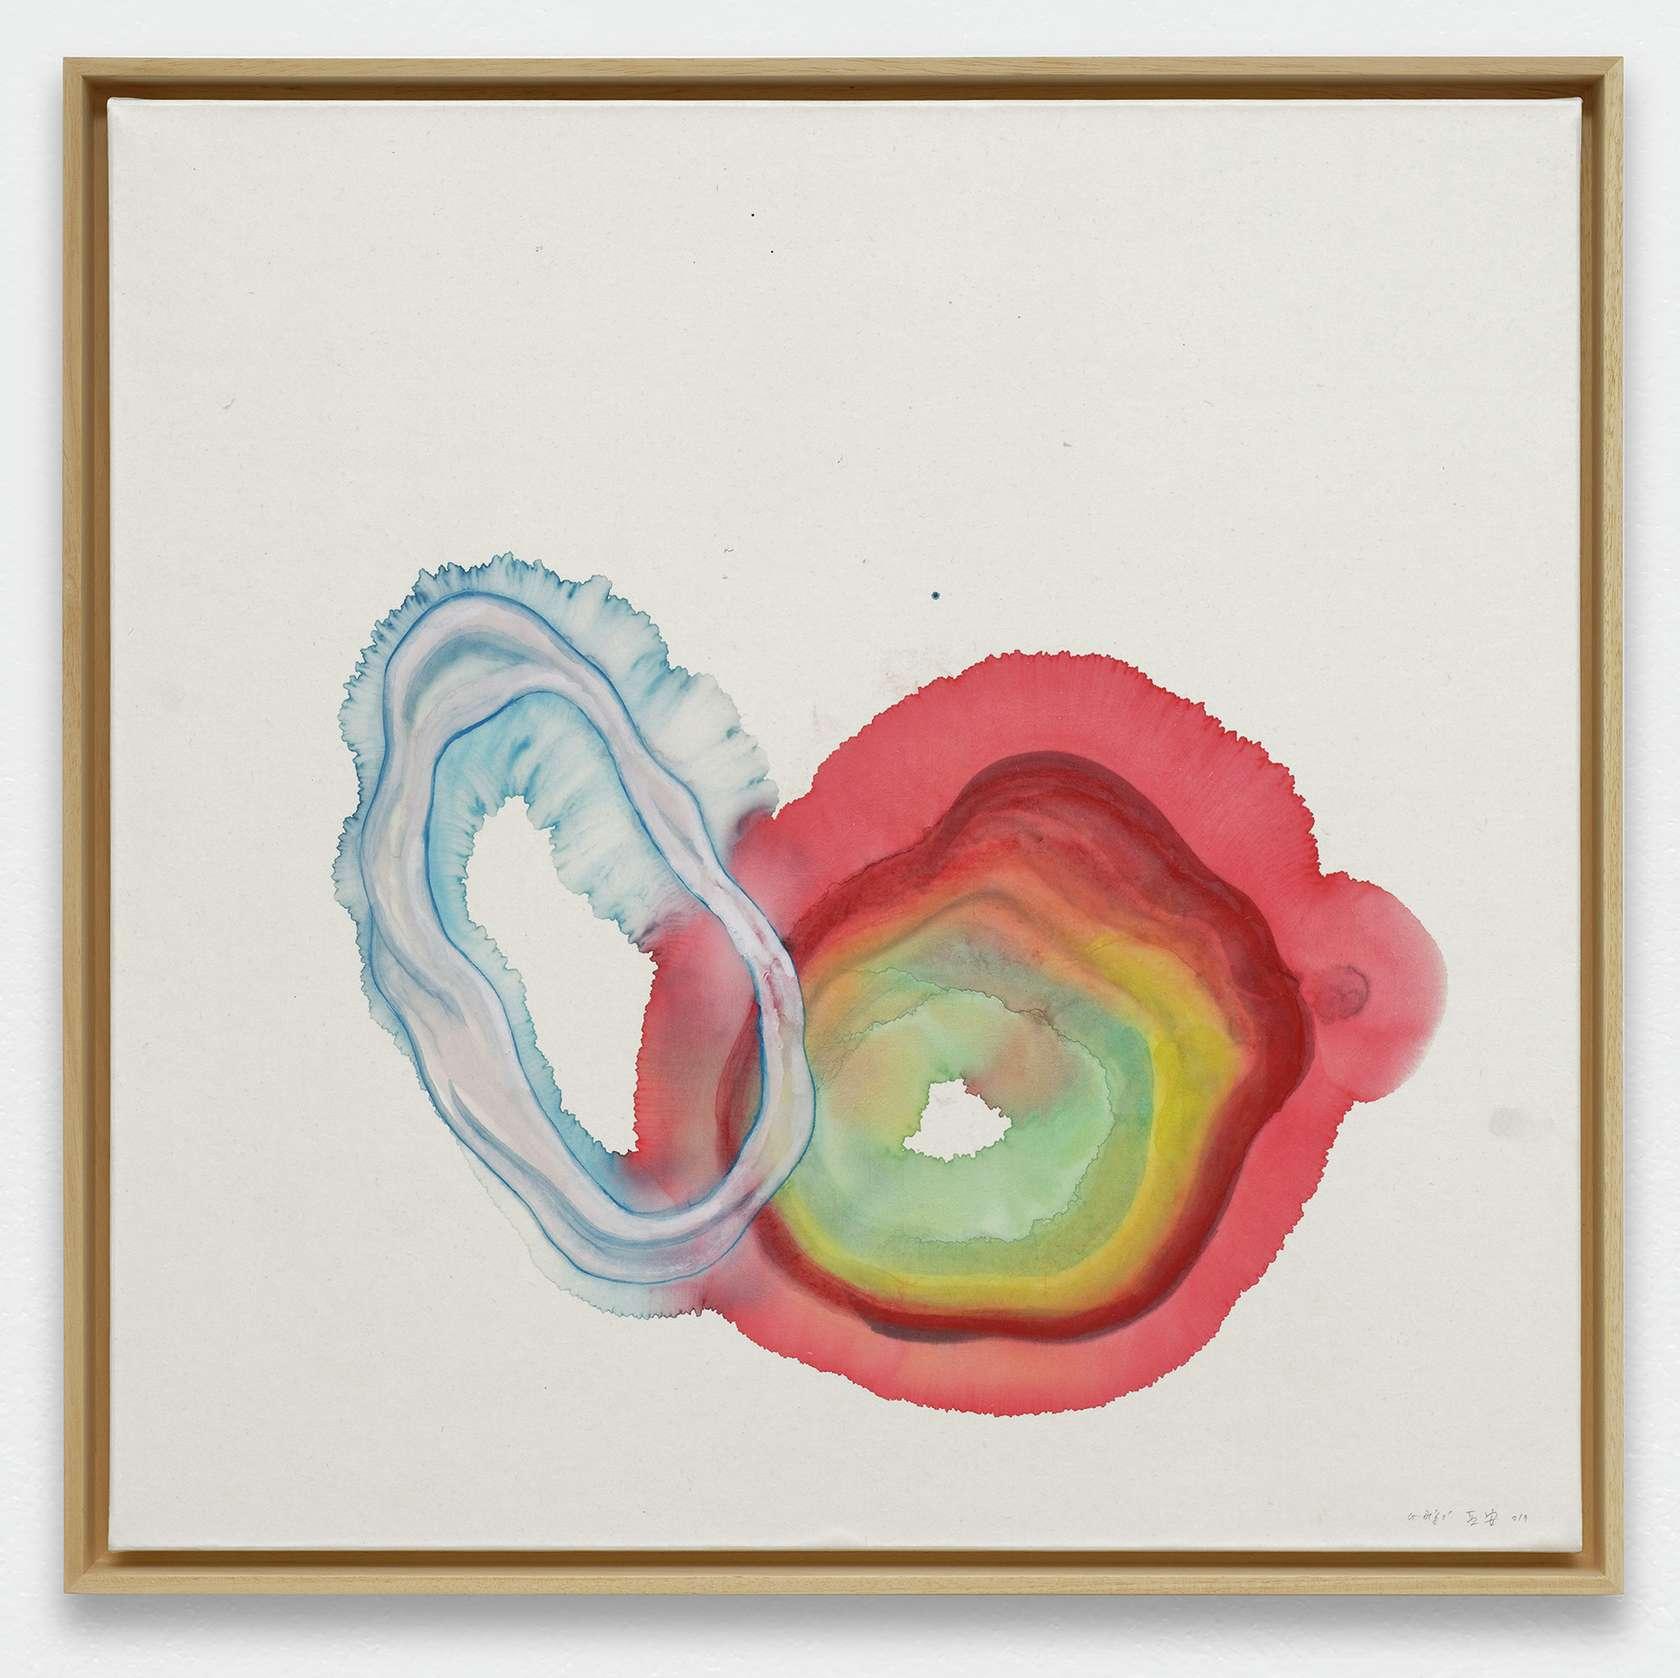 Guillaume Dégé, Sans titre, 2019 Gouache sur papier chinois marouflé sur toile67.5 × 68.5 cm / 26 5/8 × 27  in.